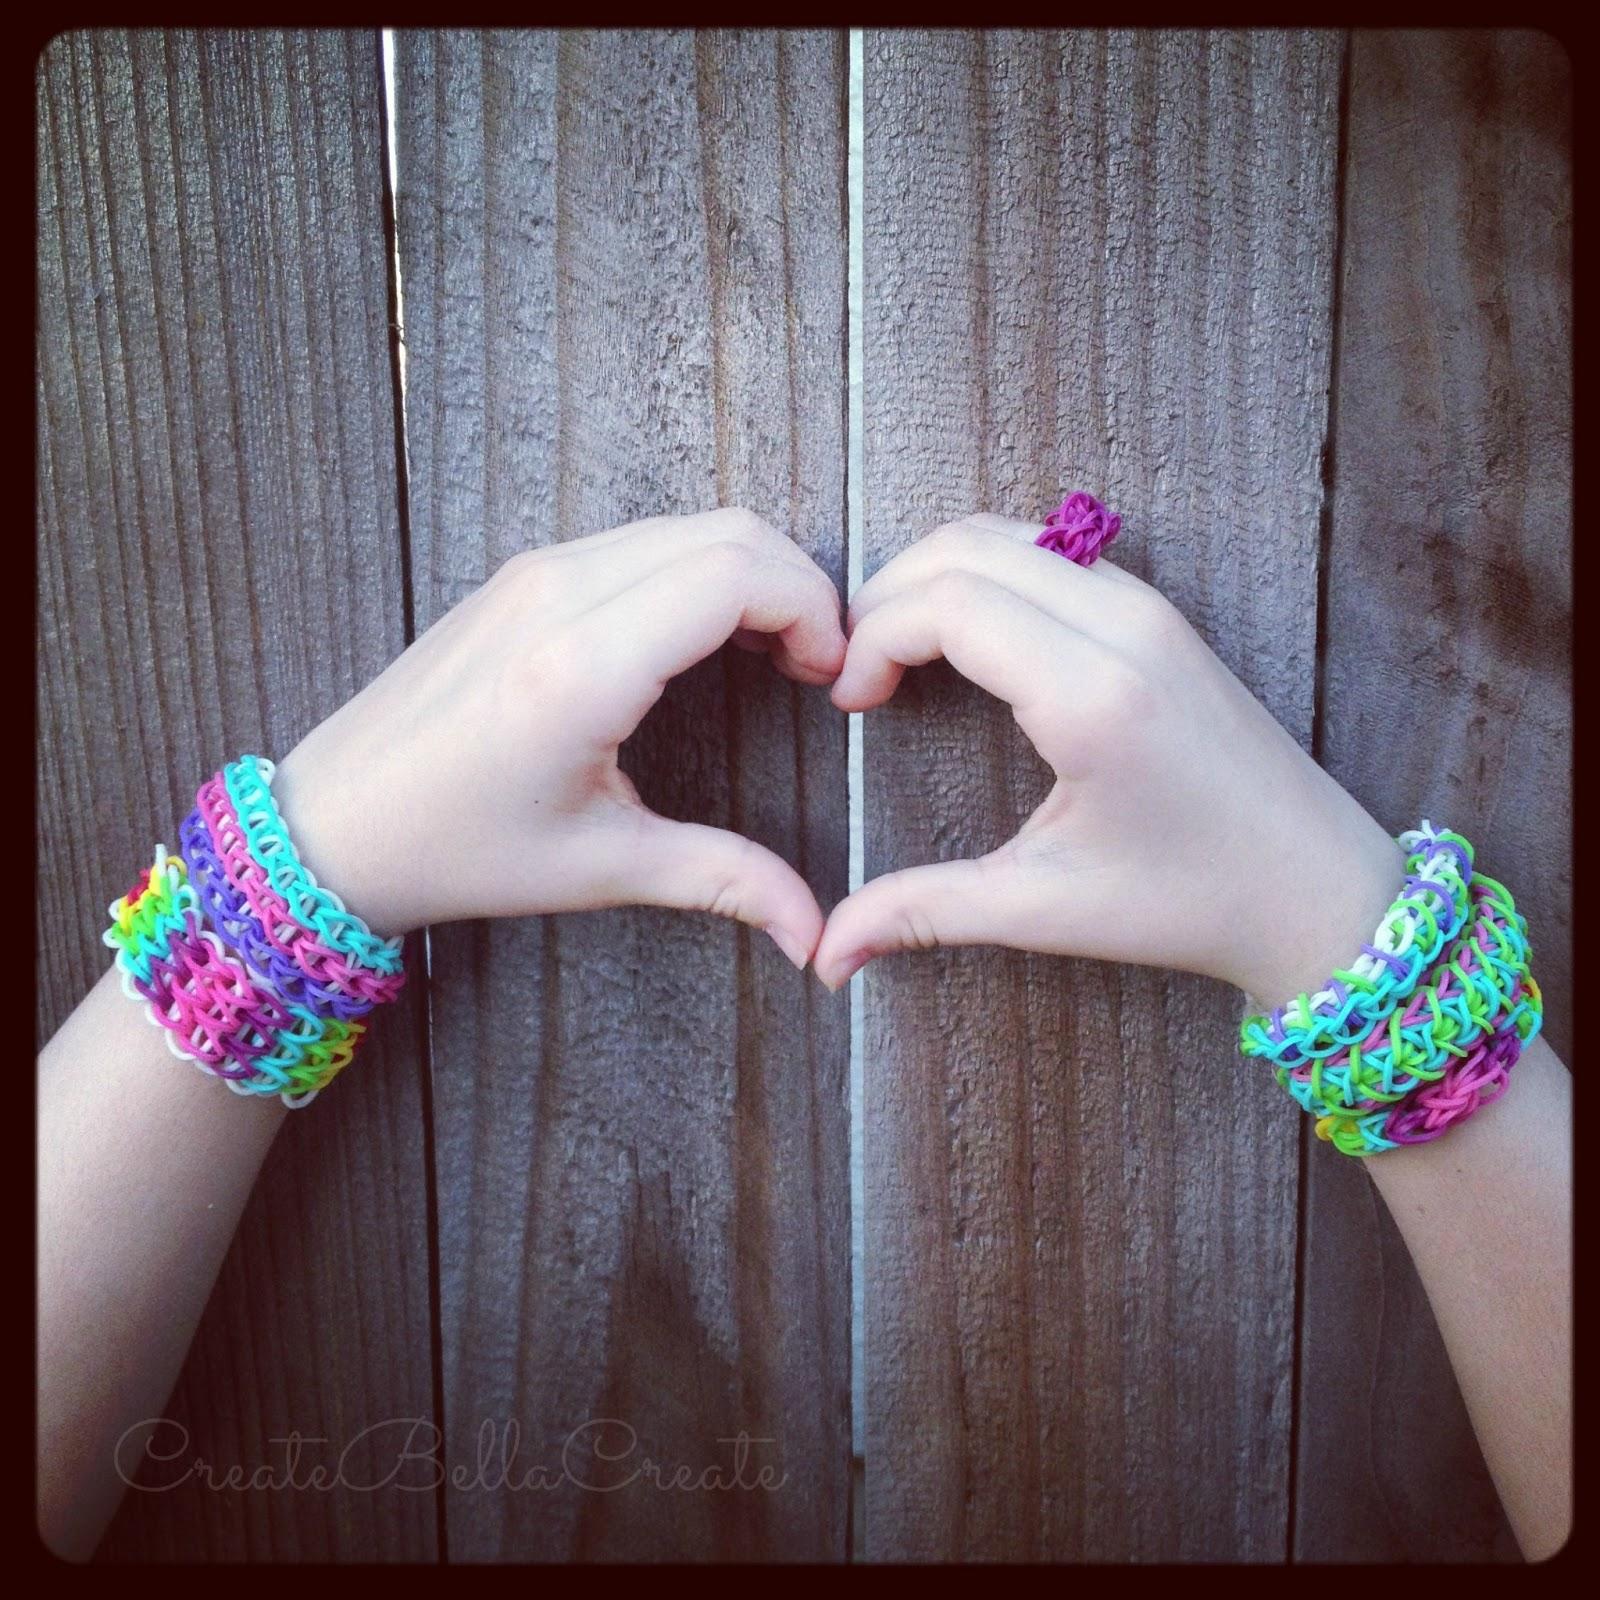 8a452152efa9 createbellacreate: Rainbow Loom Bracelets